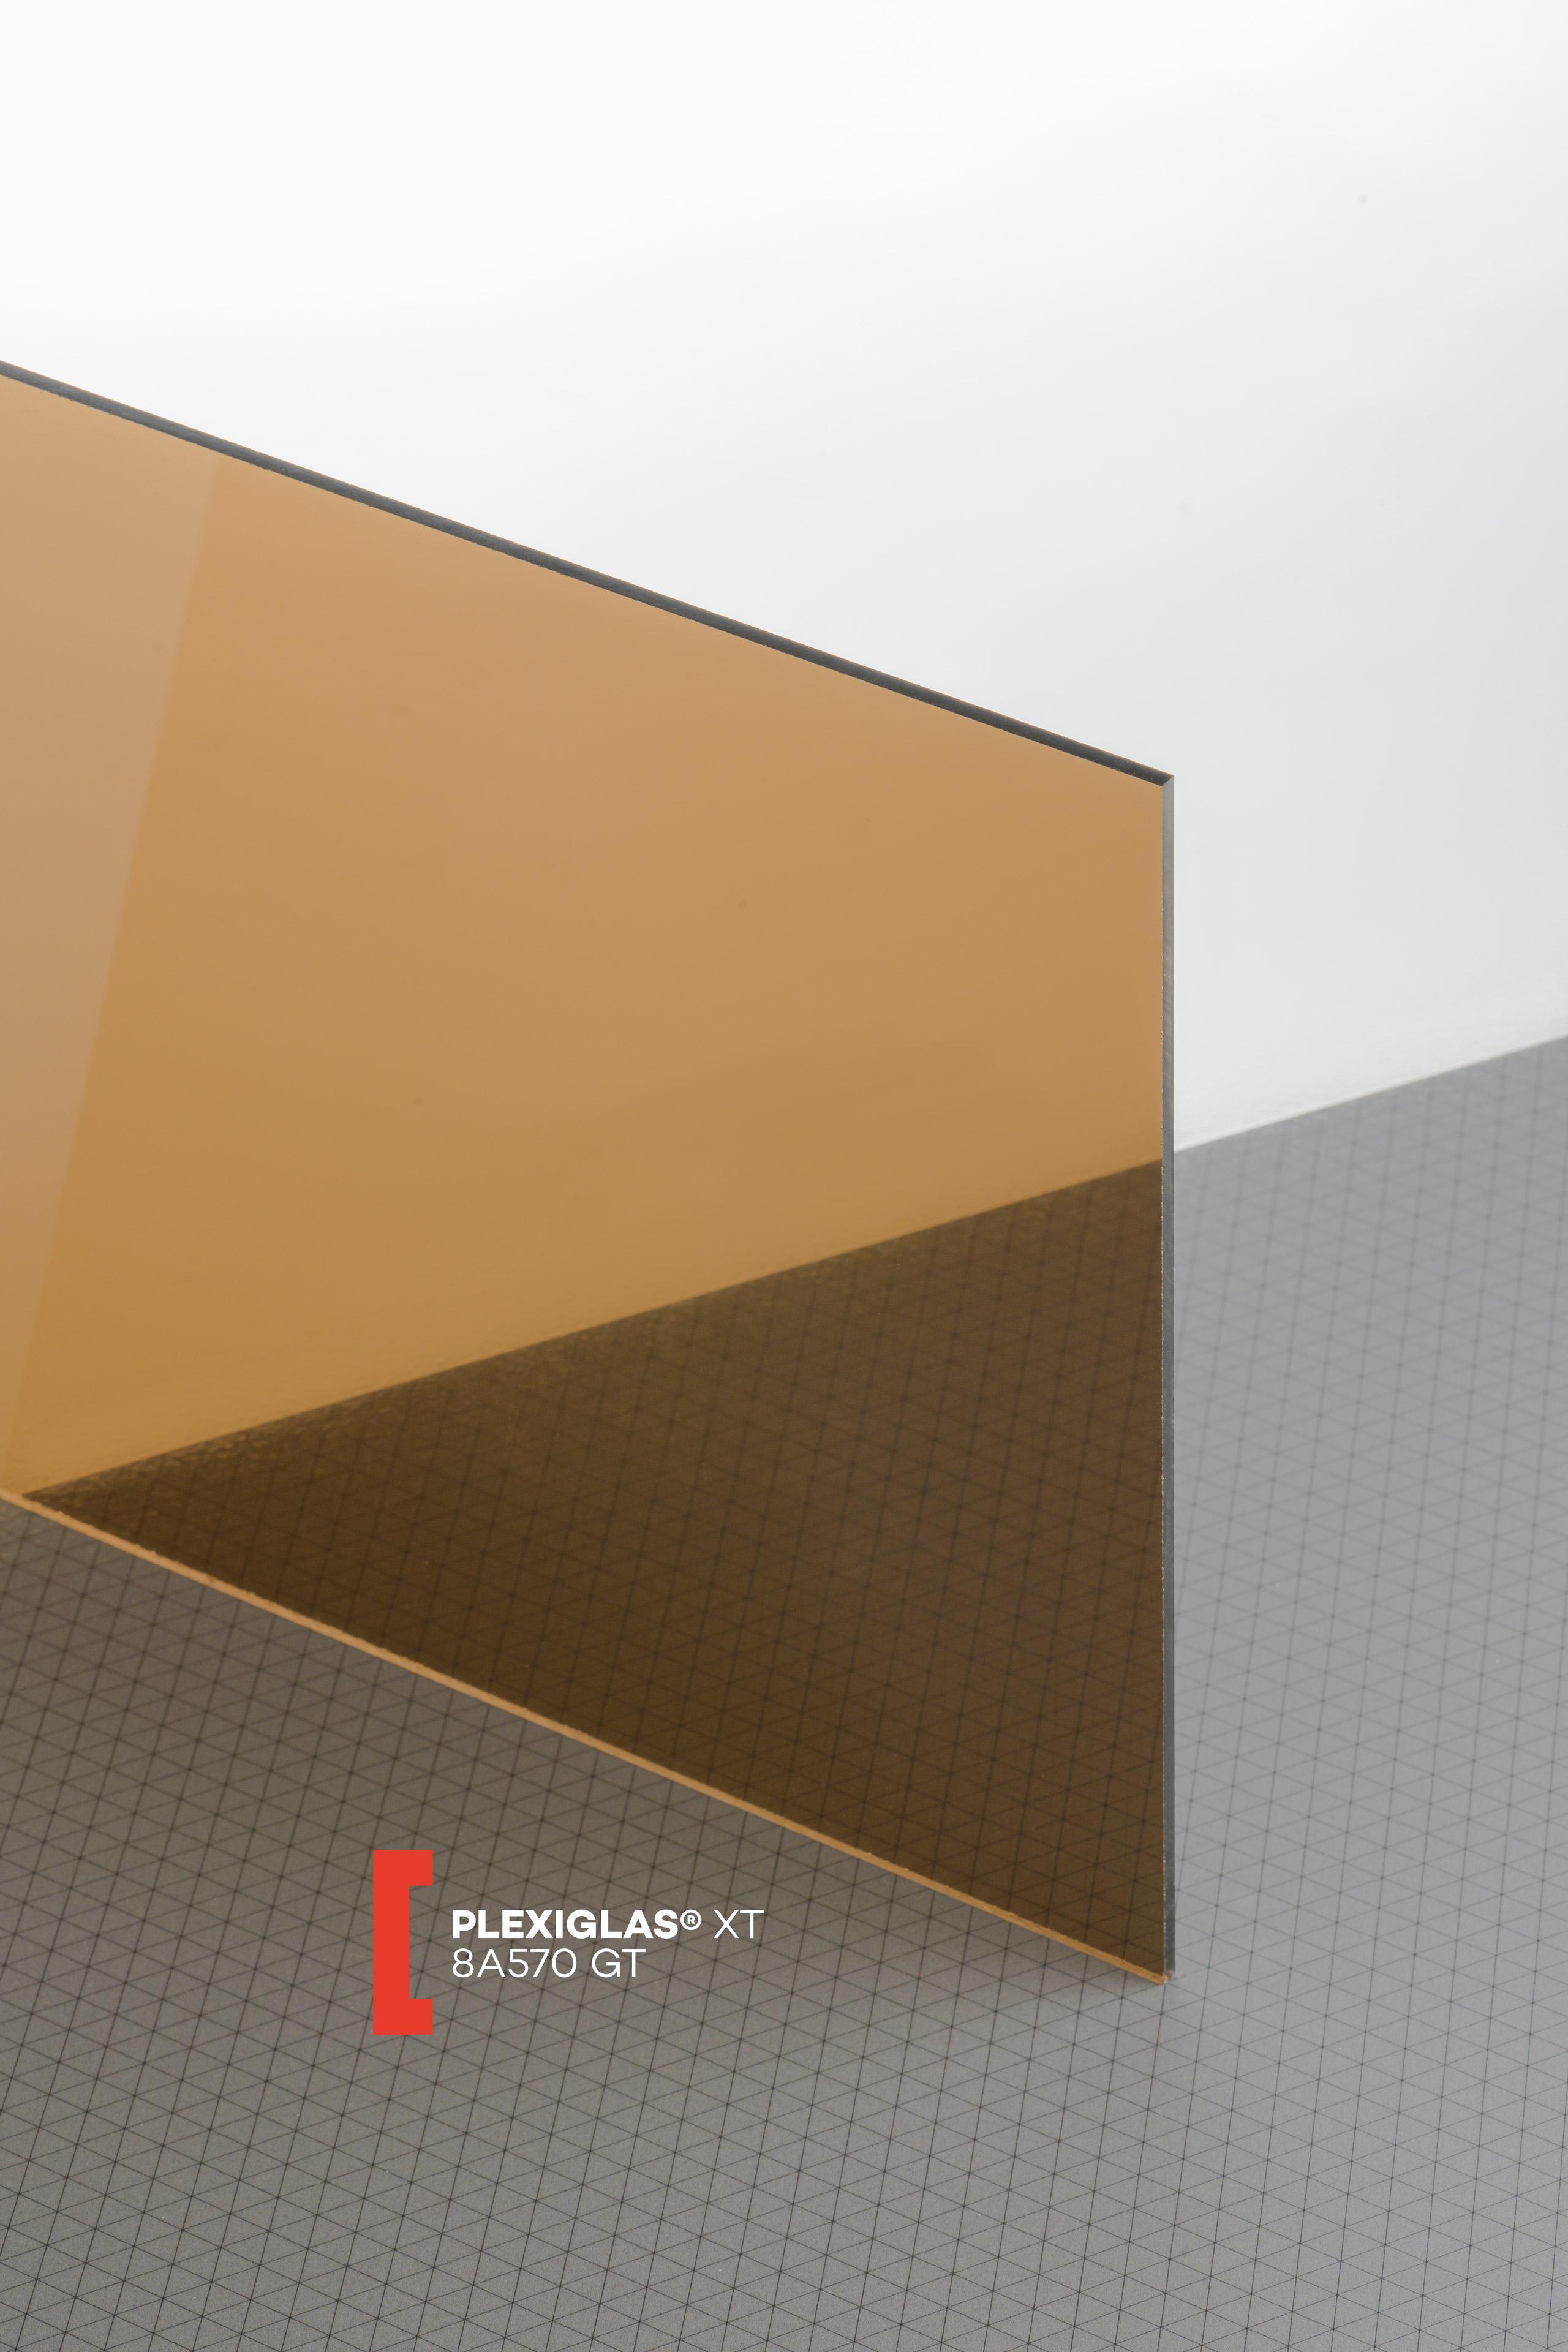 B/&T Metall Verre acrylique en PMMA XT Transparent /À la coupe Plexiglas/® de 4/mm d/épaisseur Rev/êtement r/ésistant aux UV des 2/c/ôt/és